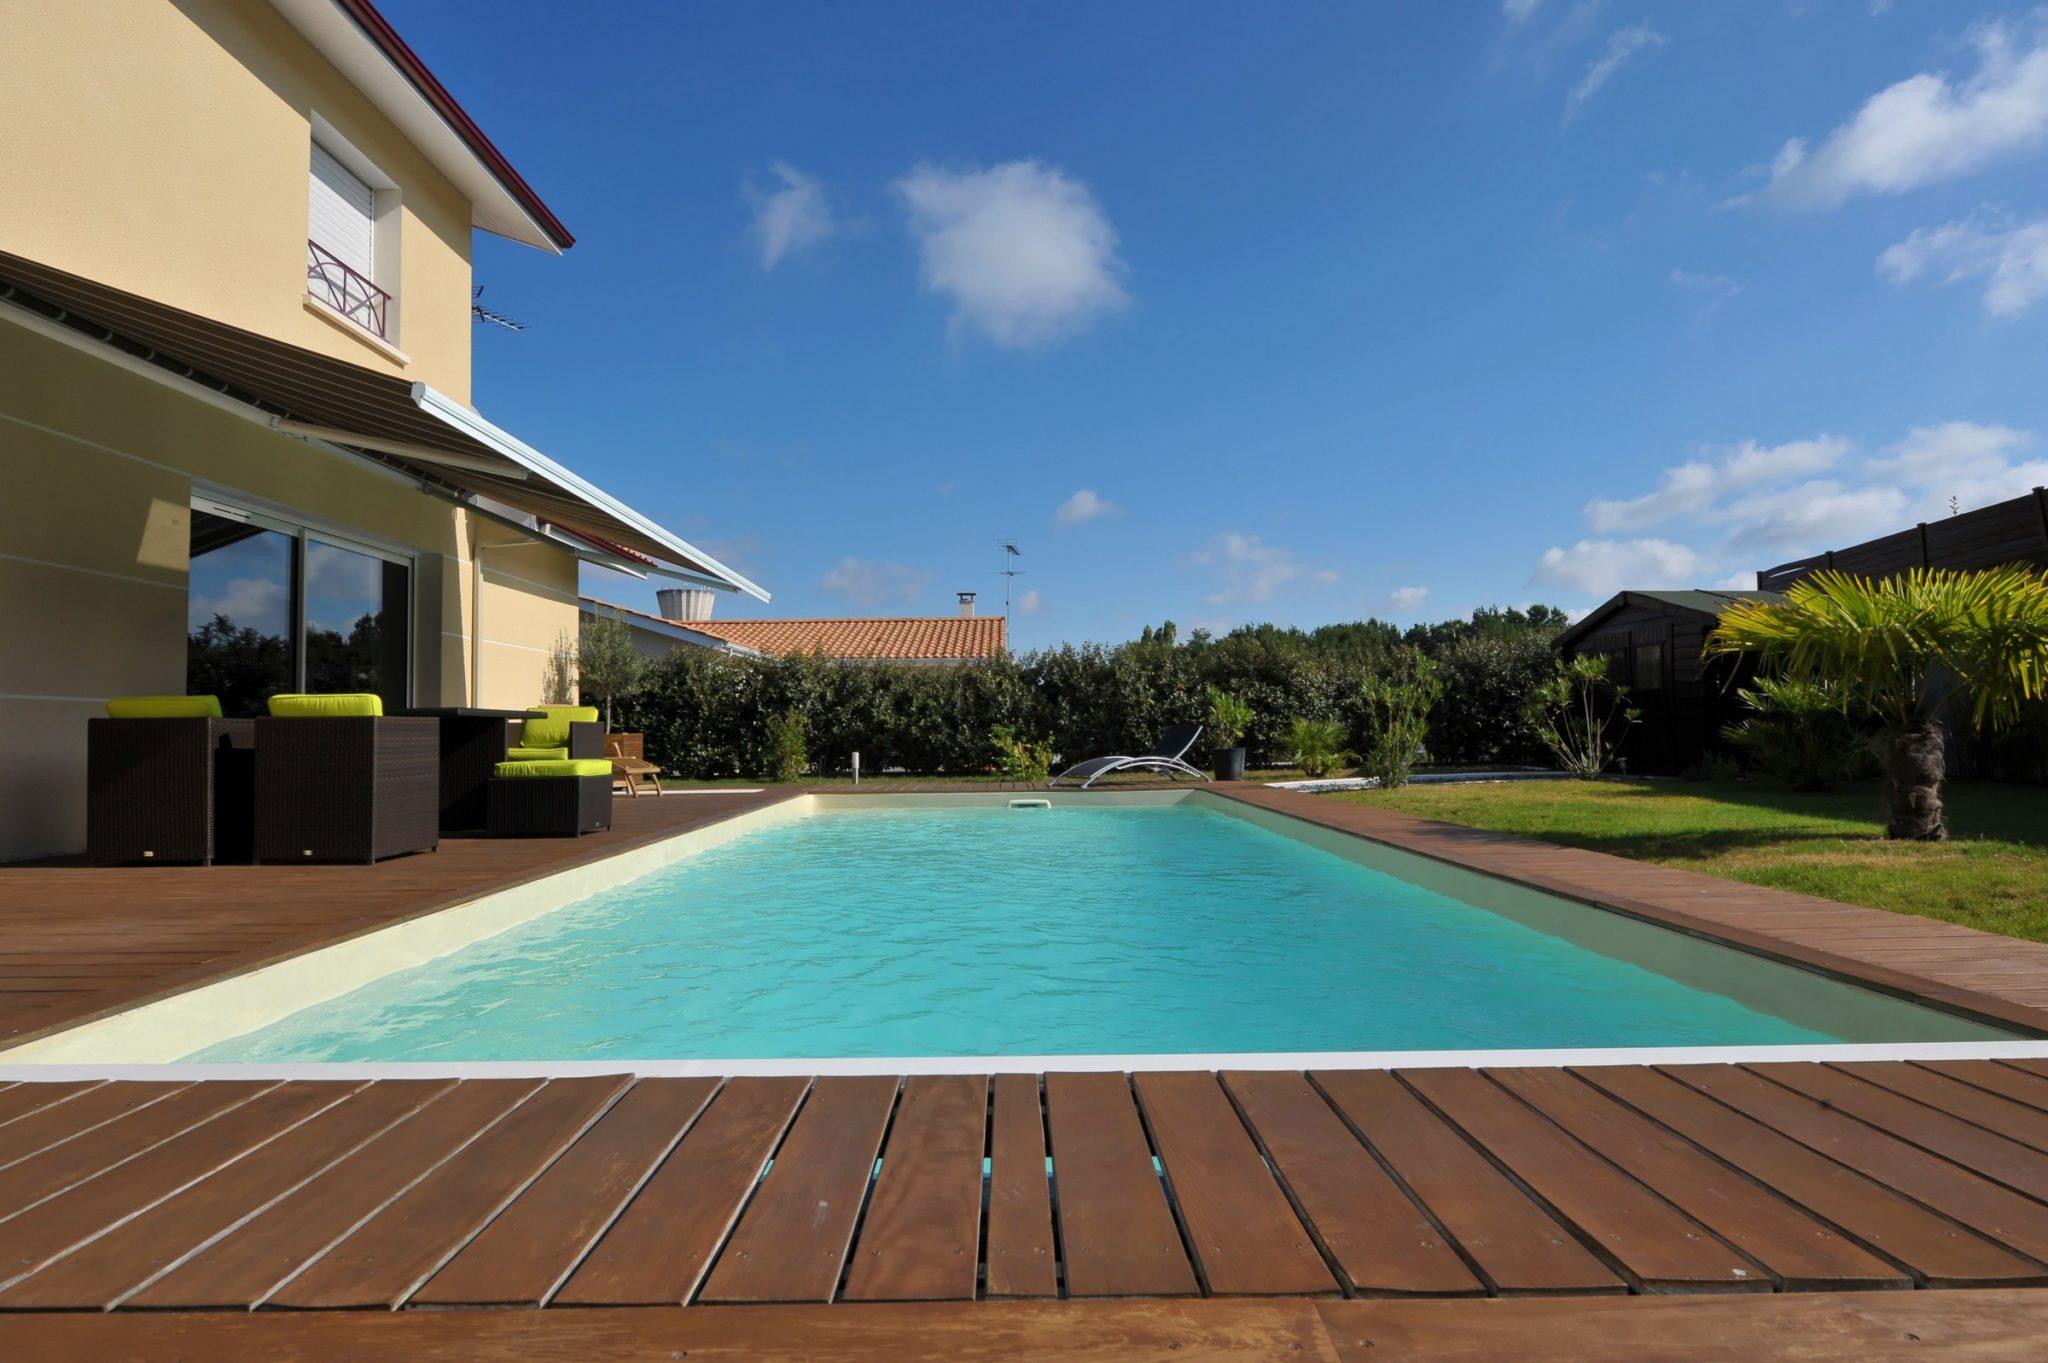 Piscine kit delaunay reference piscine constructeur de for Constructeur piscine